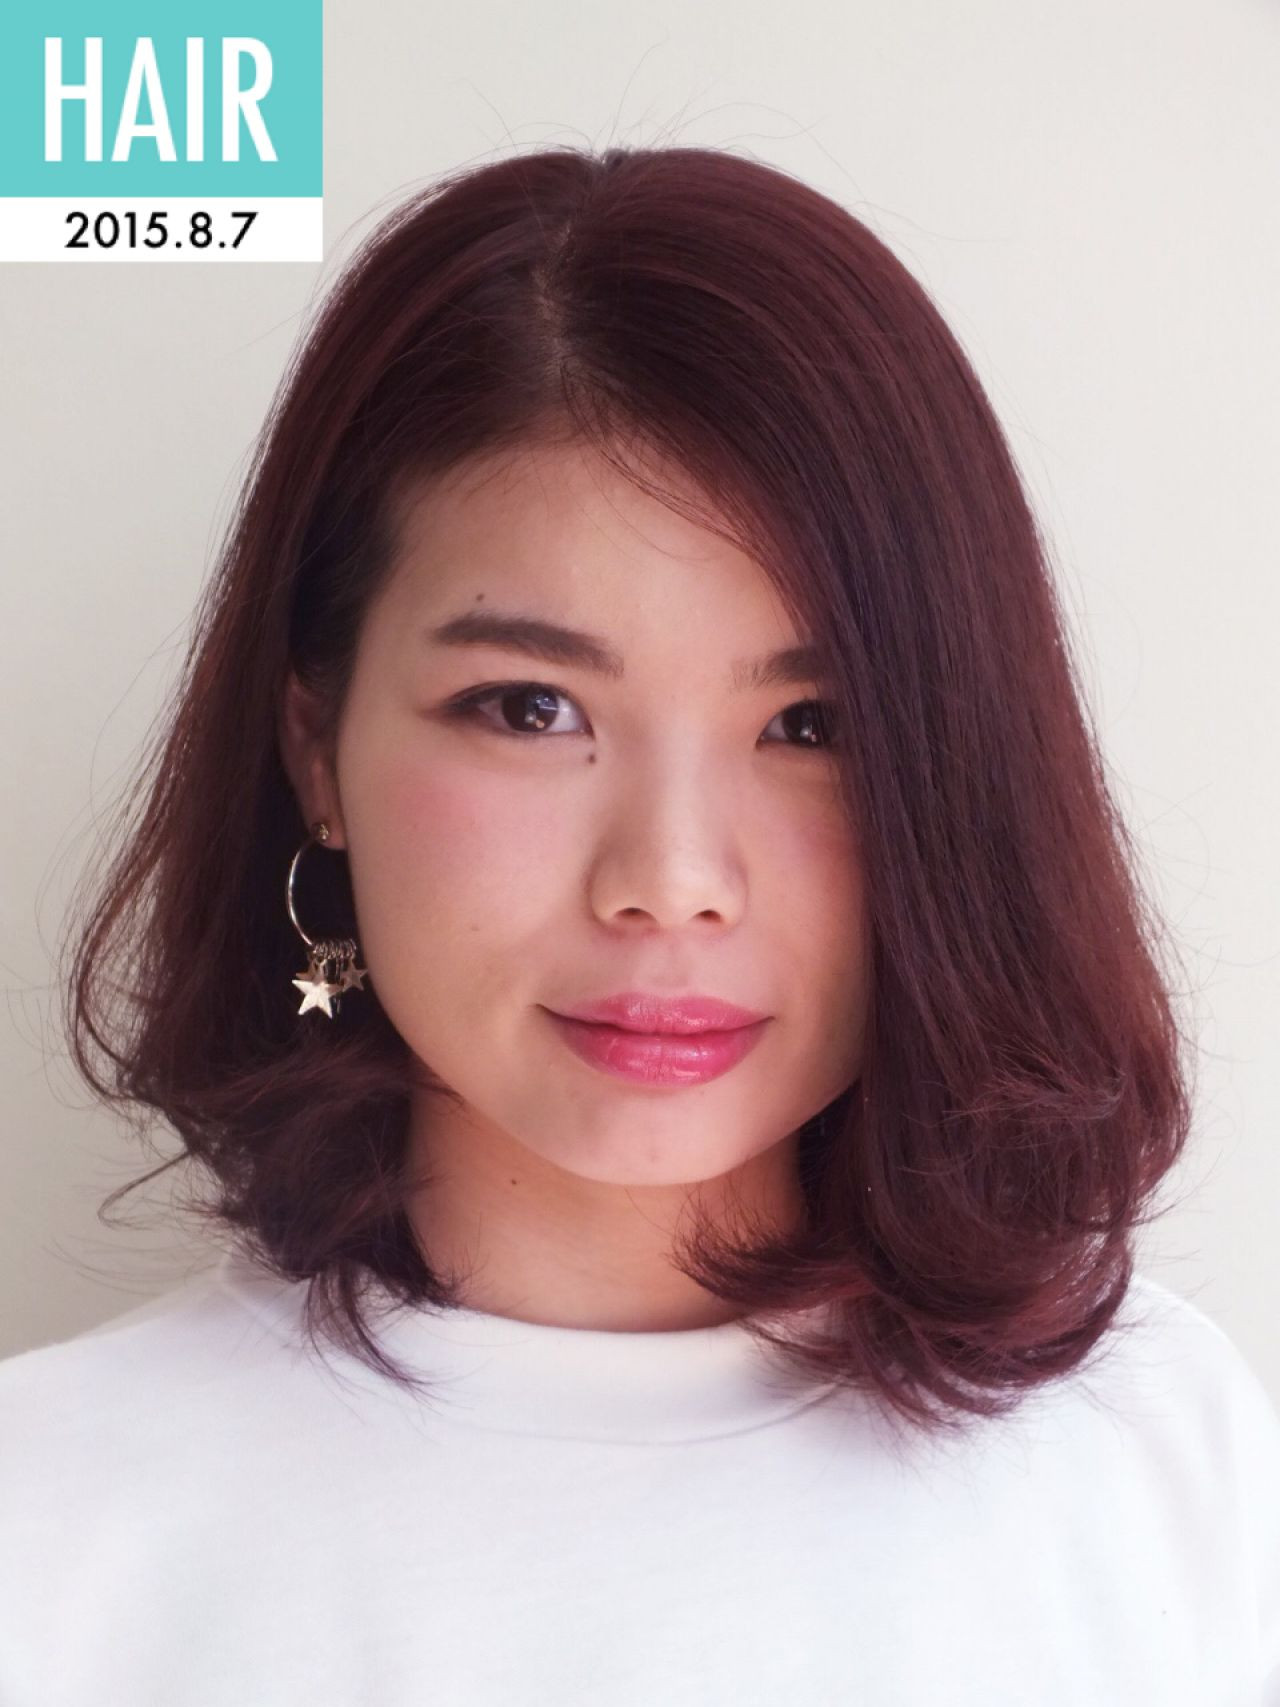 モテ髪 ゆるふわ 大人かわいい ミディアム ヘアスタイルや髪型の写真・画像